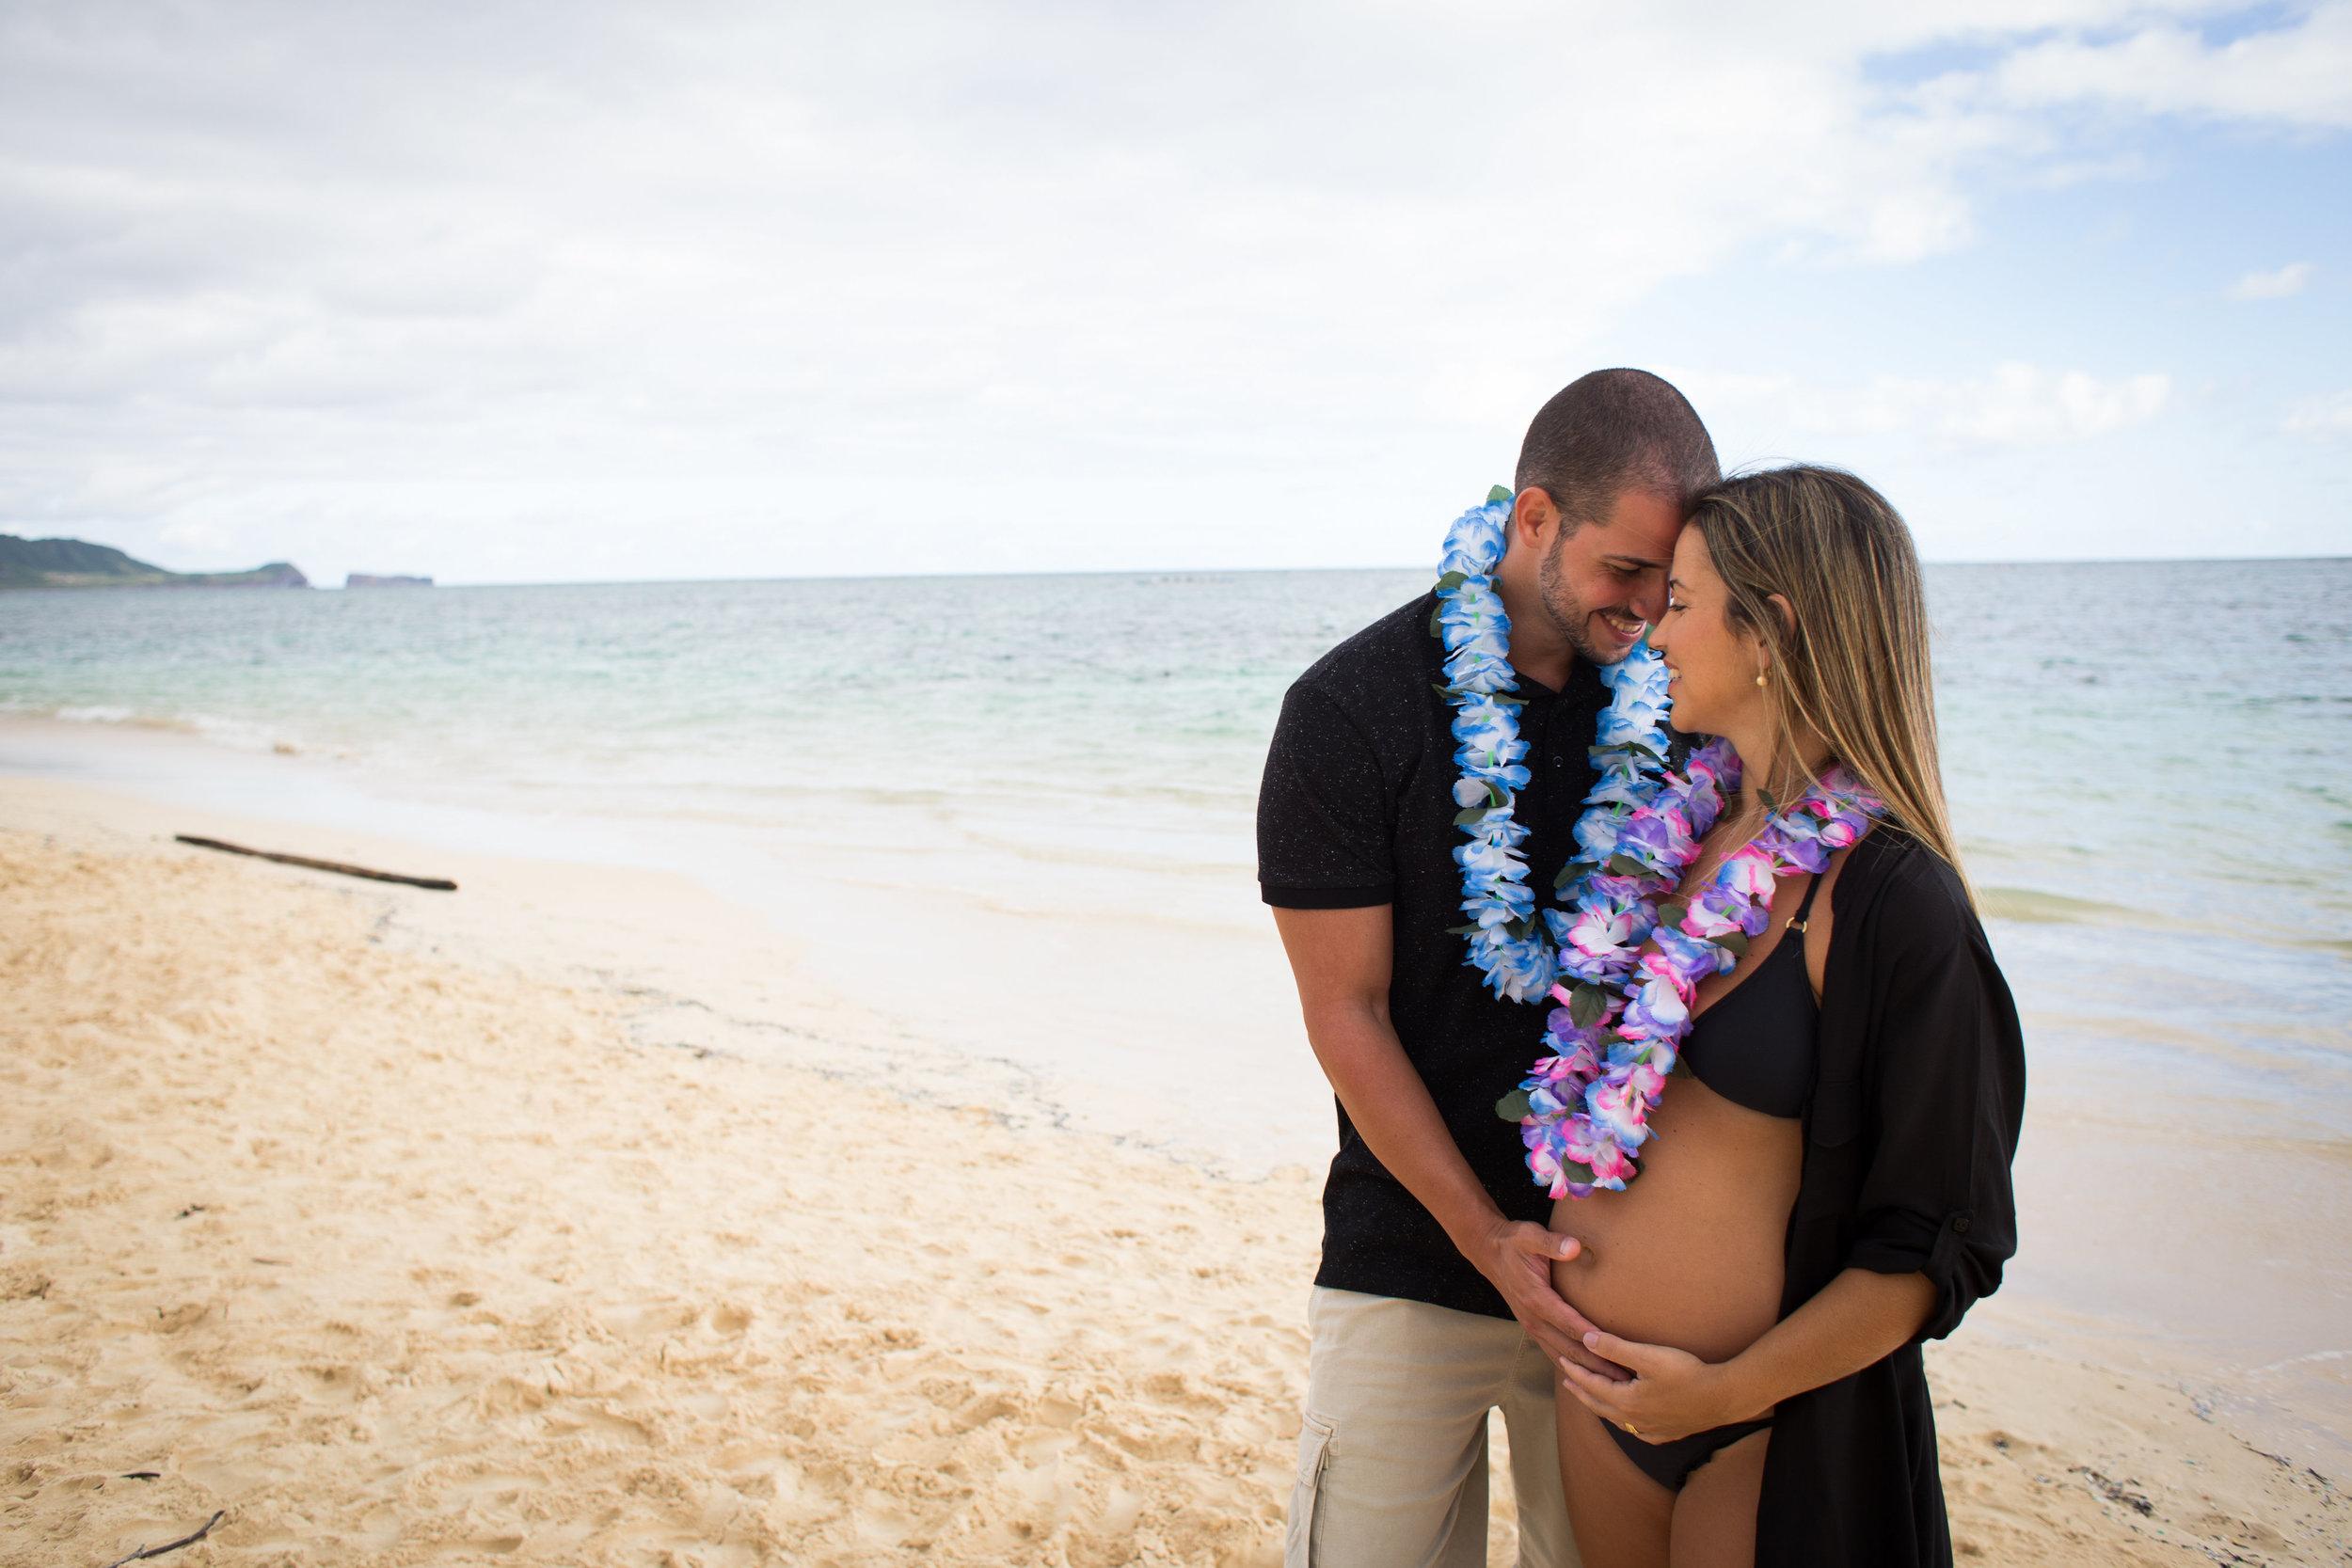 ensaio fotografico no havai ensaio em honolulu3.jpg